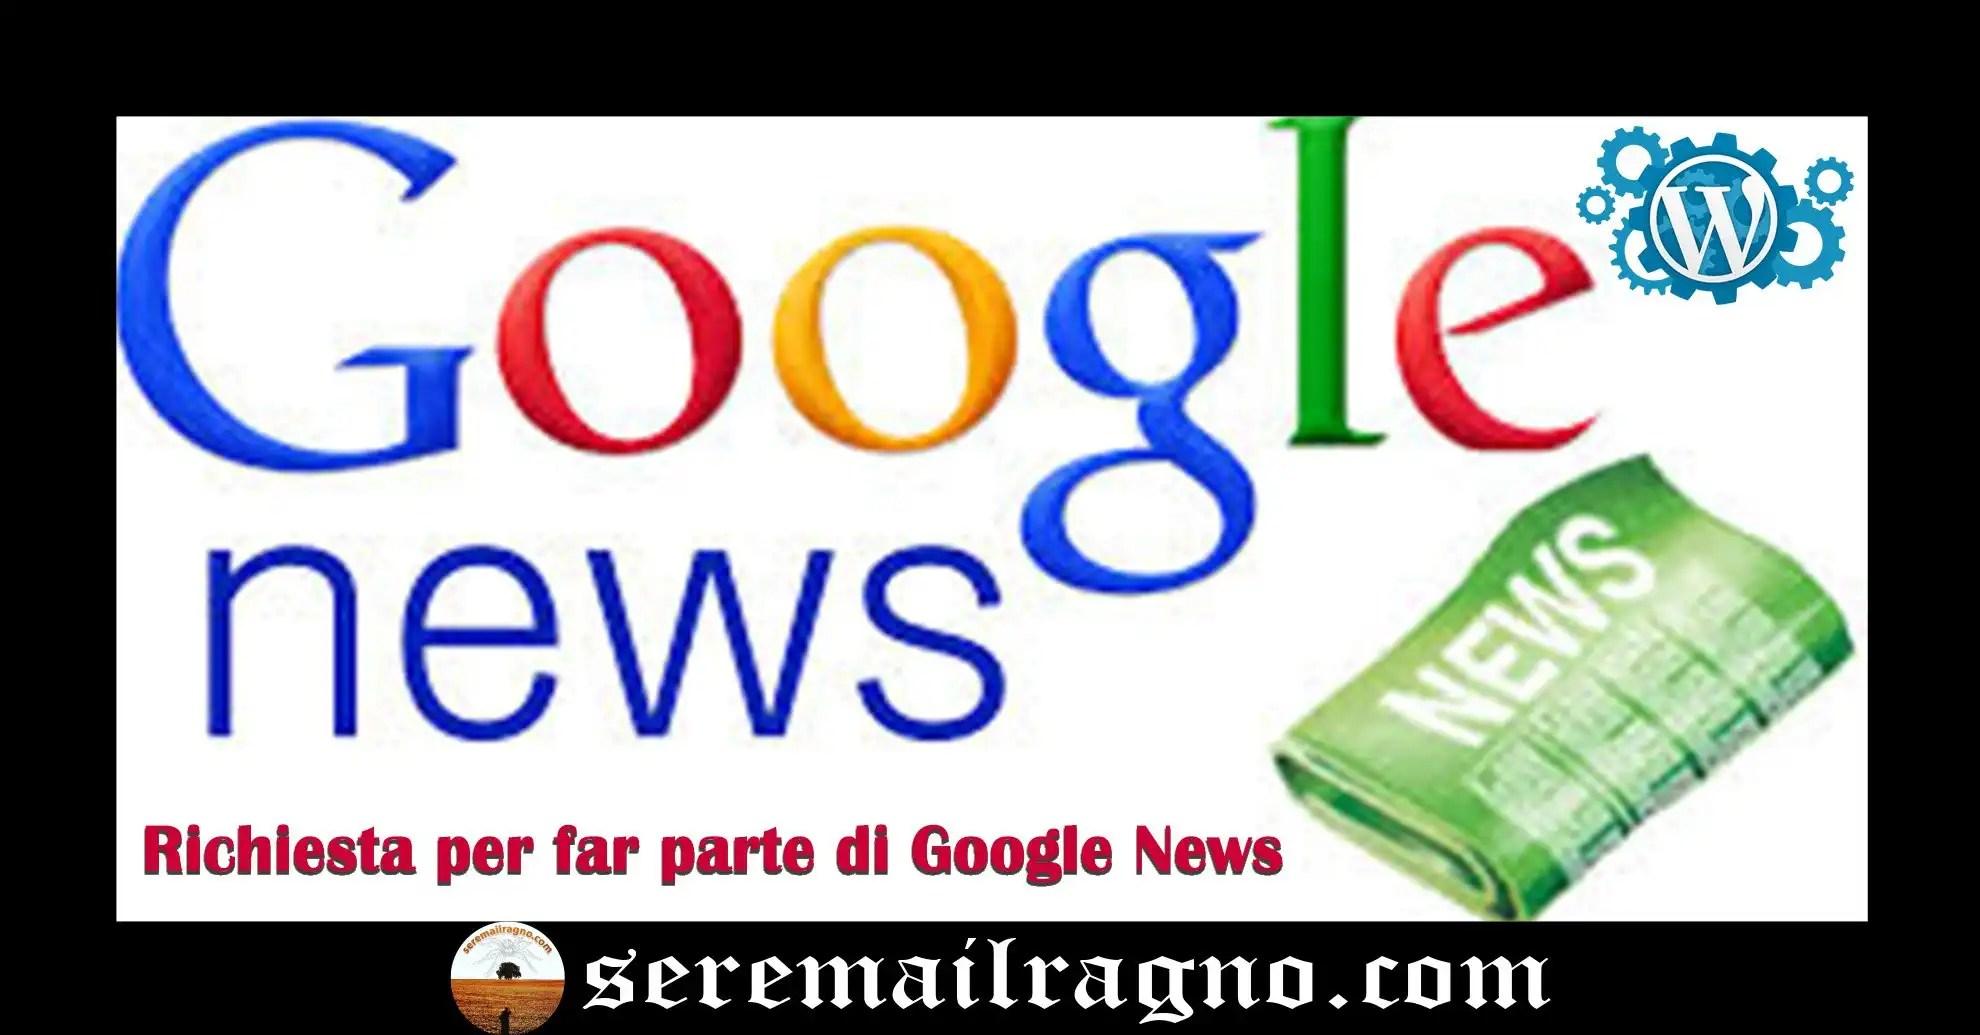 Google News: sito rifiutato, vediamo perché